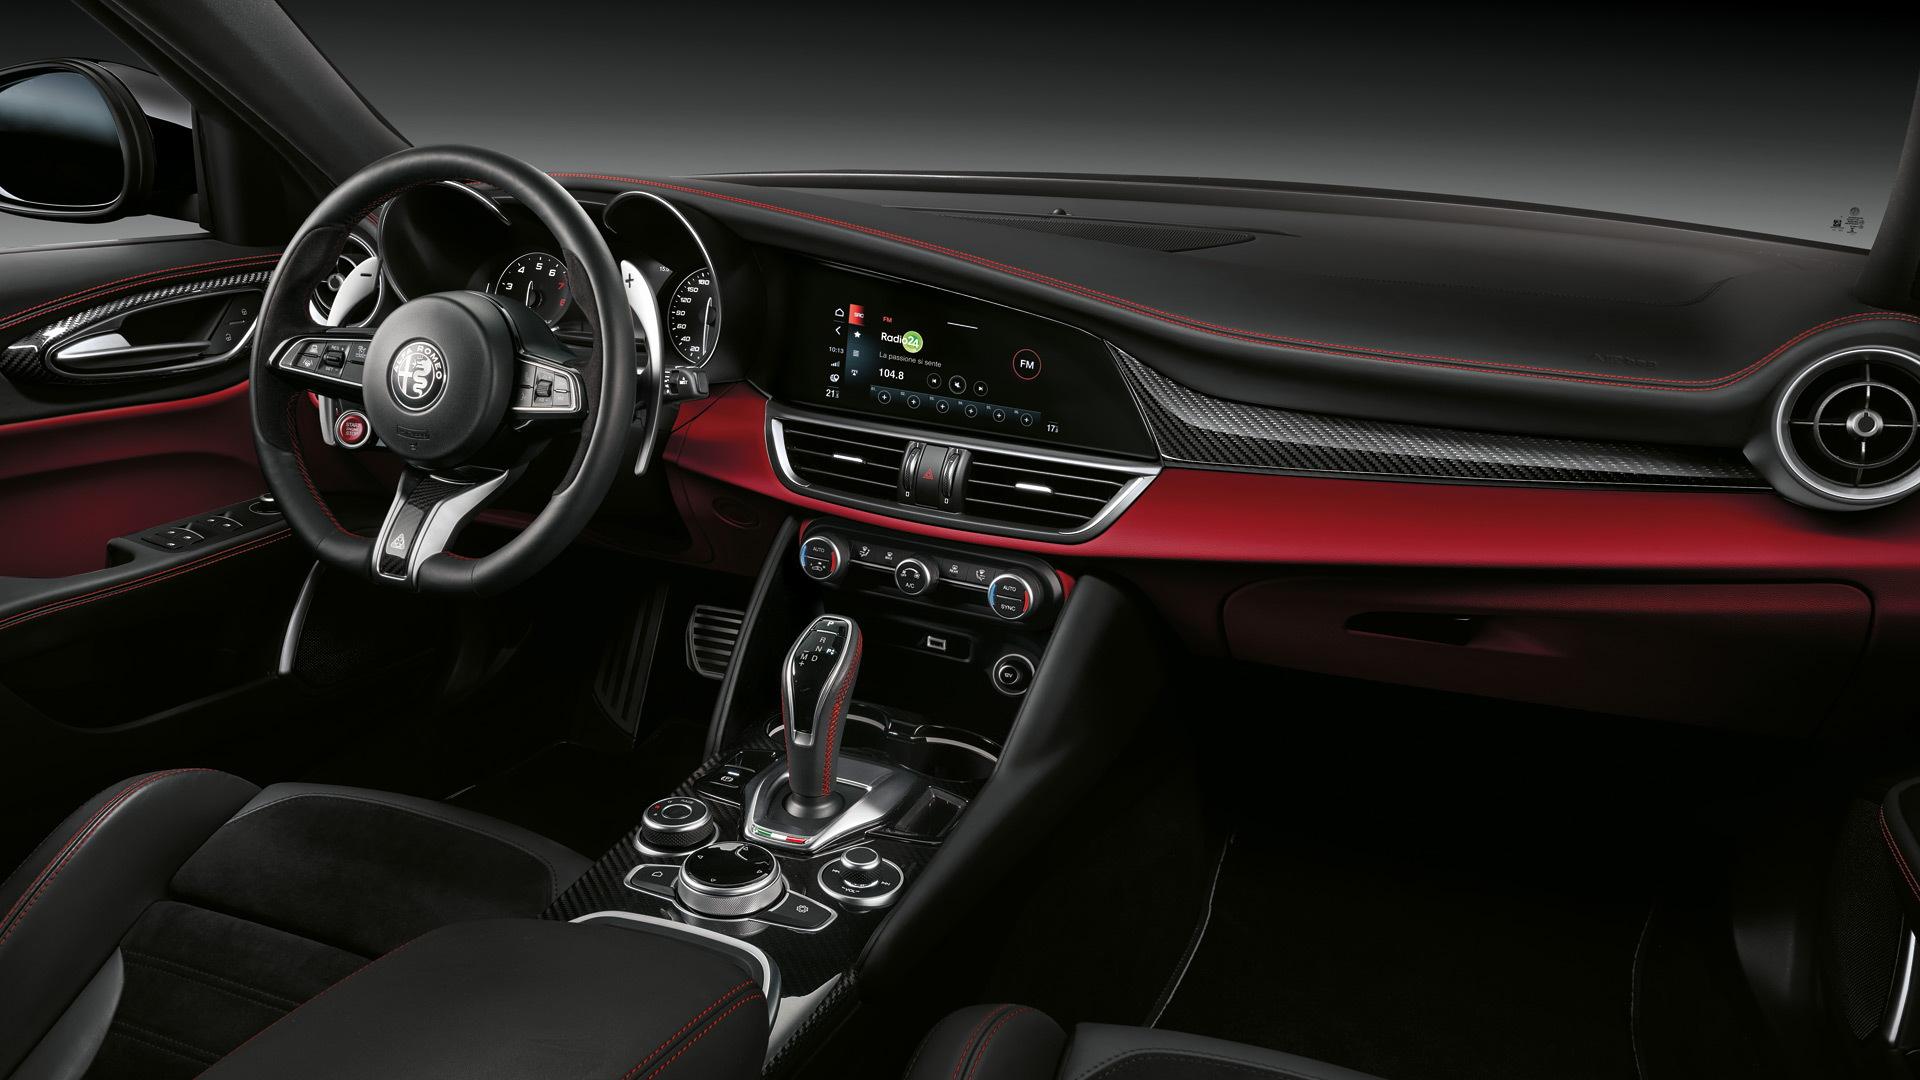 2021 Alfa Romeo Giulia Price and Review